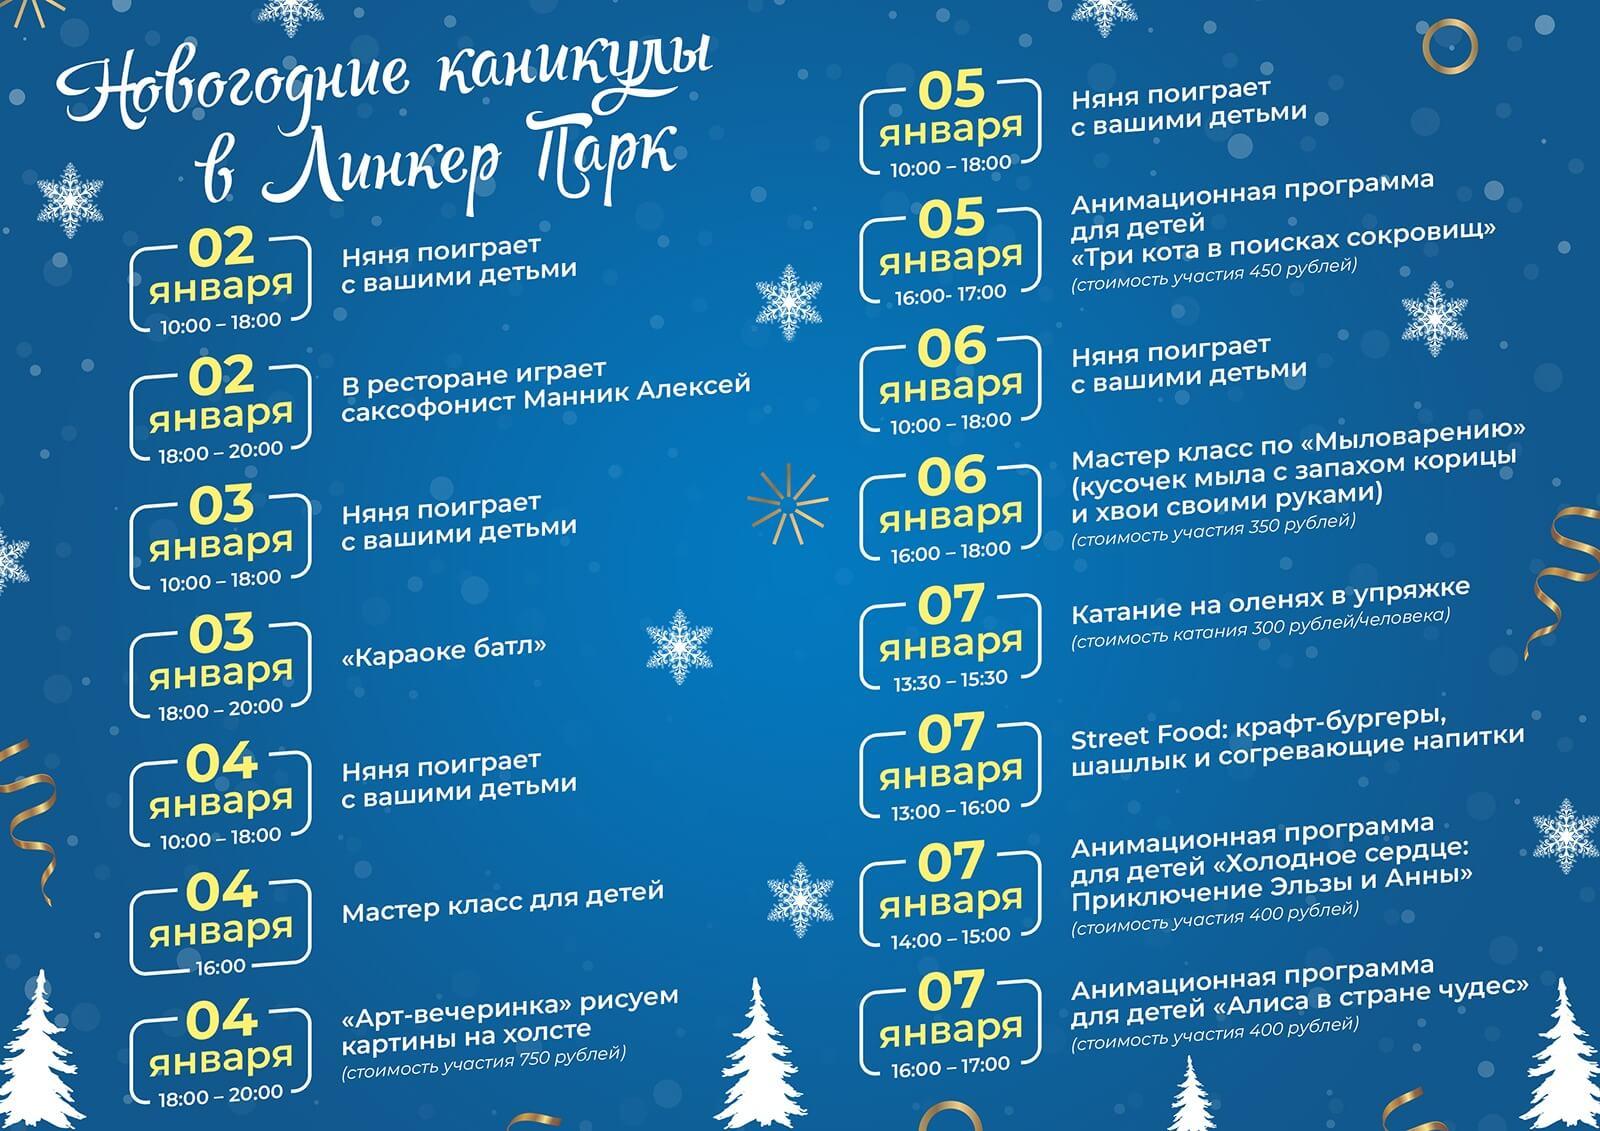 Мероприятия для гостей на новогодние каникулы в Apart Hotel Линкер Парк со 2 по 7 января 2022 года